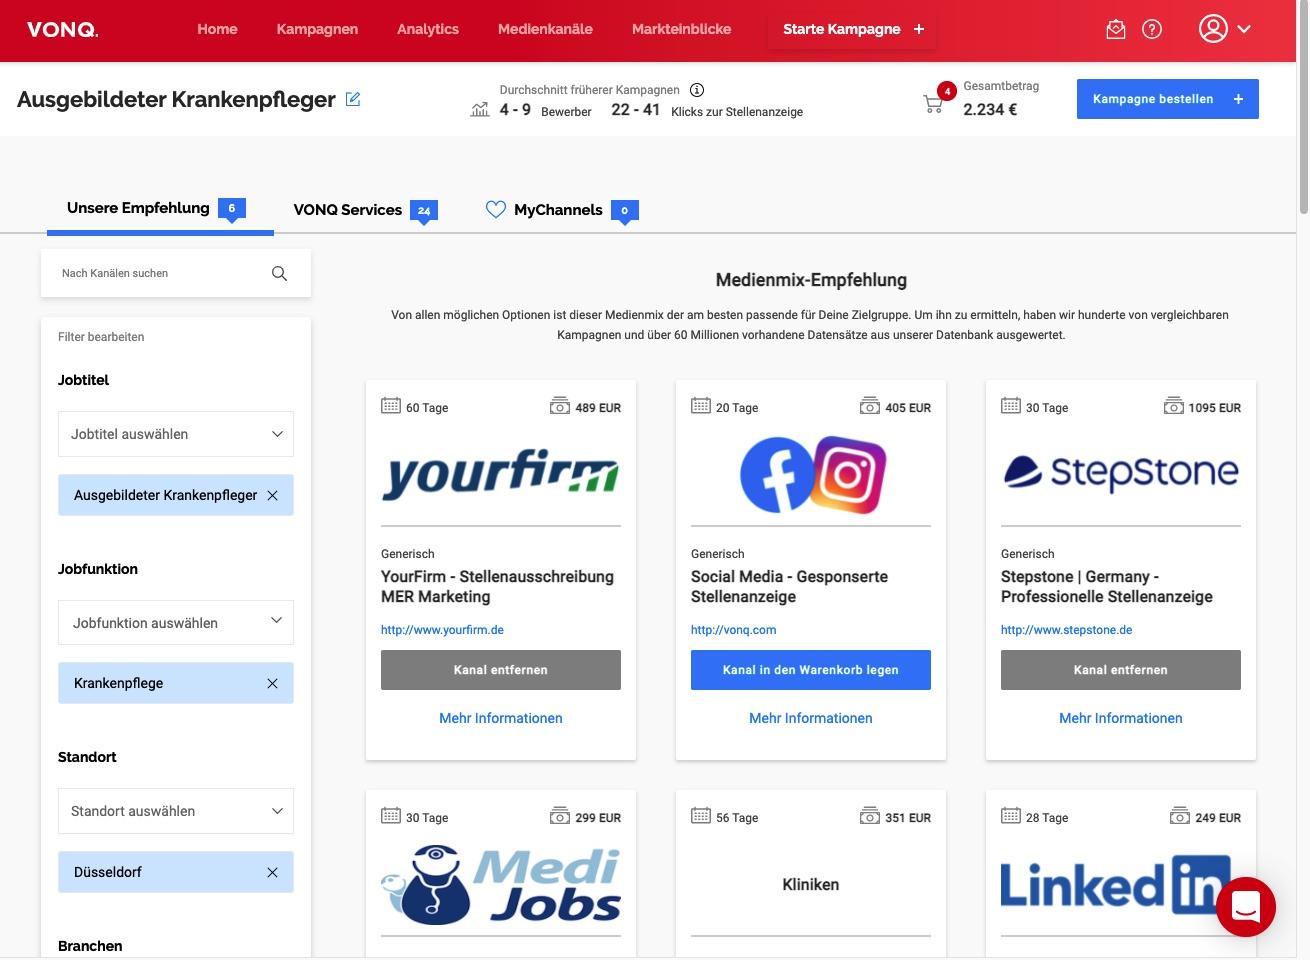 Die Kachel-Ansicht der Job Marketing Plattform mit der neuen Übersicht der einzelnen Medienkanäle.